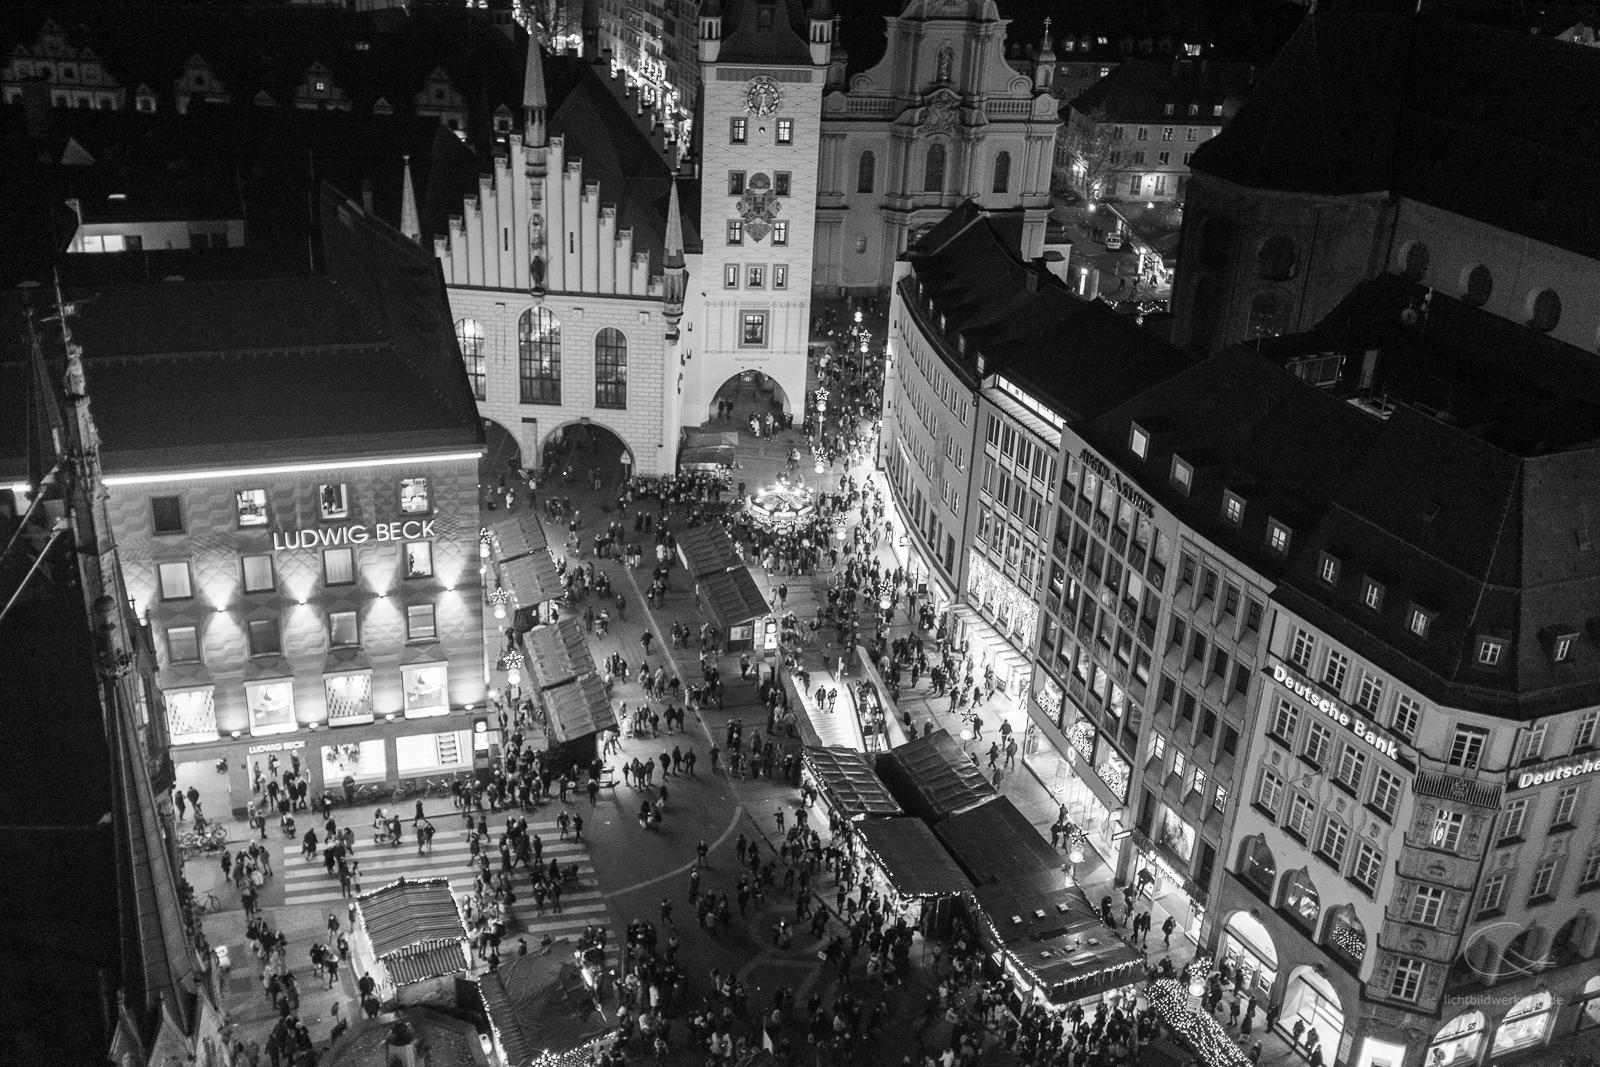 Weihnachtsmarkt, Christkindlmarkt, München, Marienplatz, Rathaus, b/w, schwarzweiss,